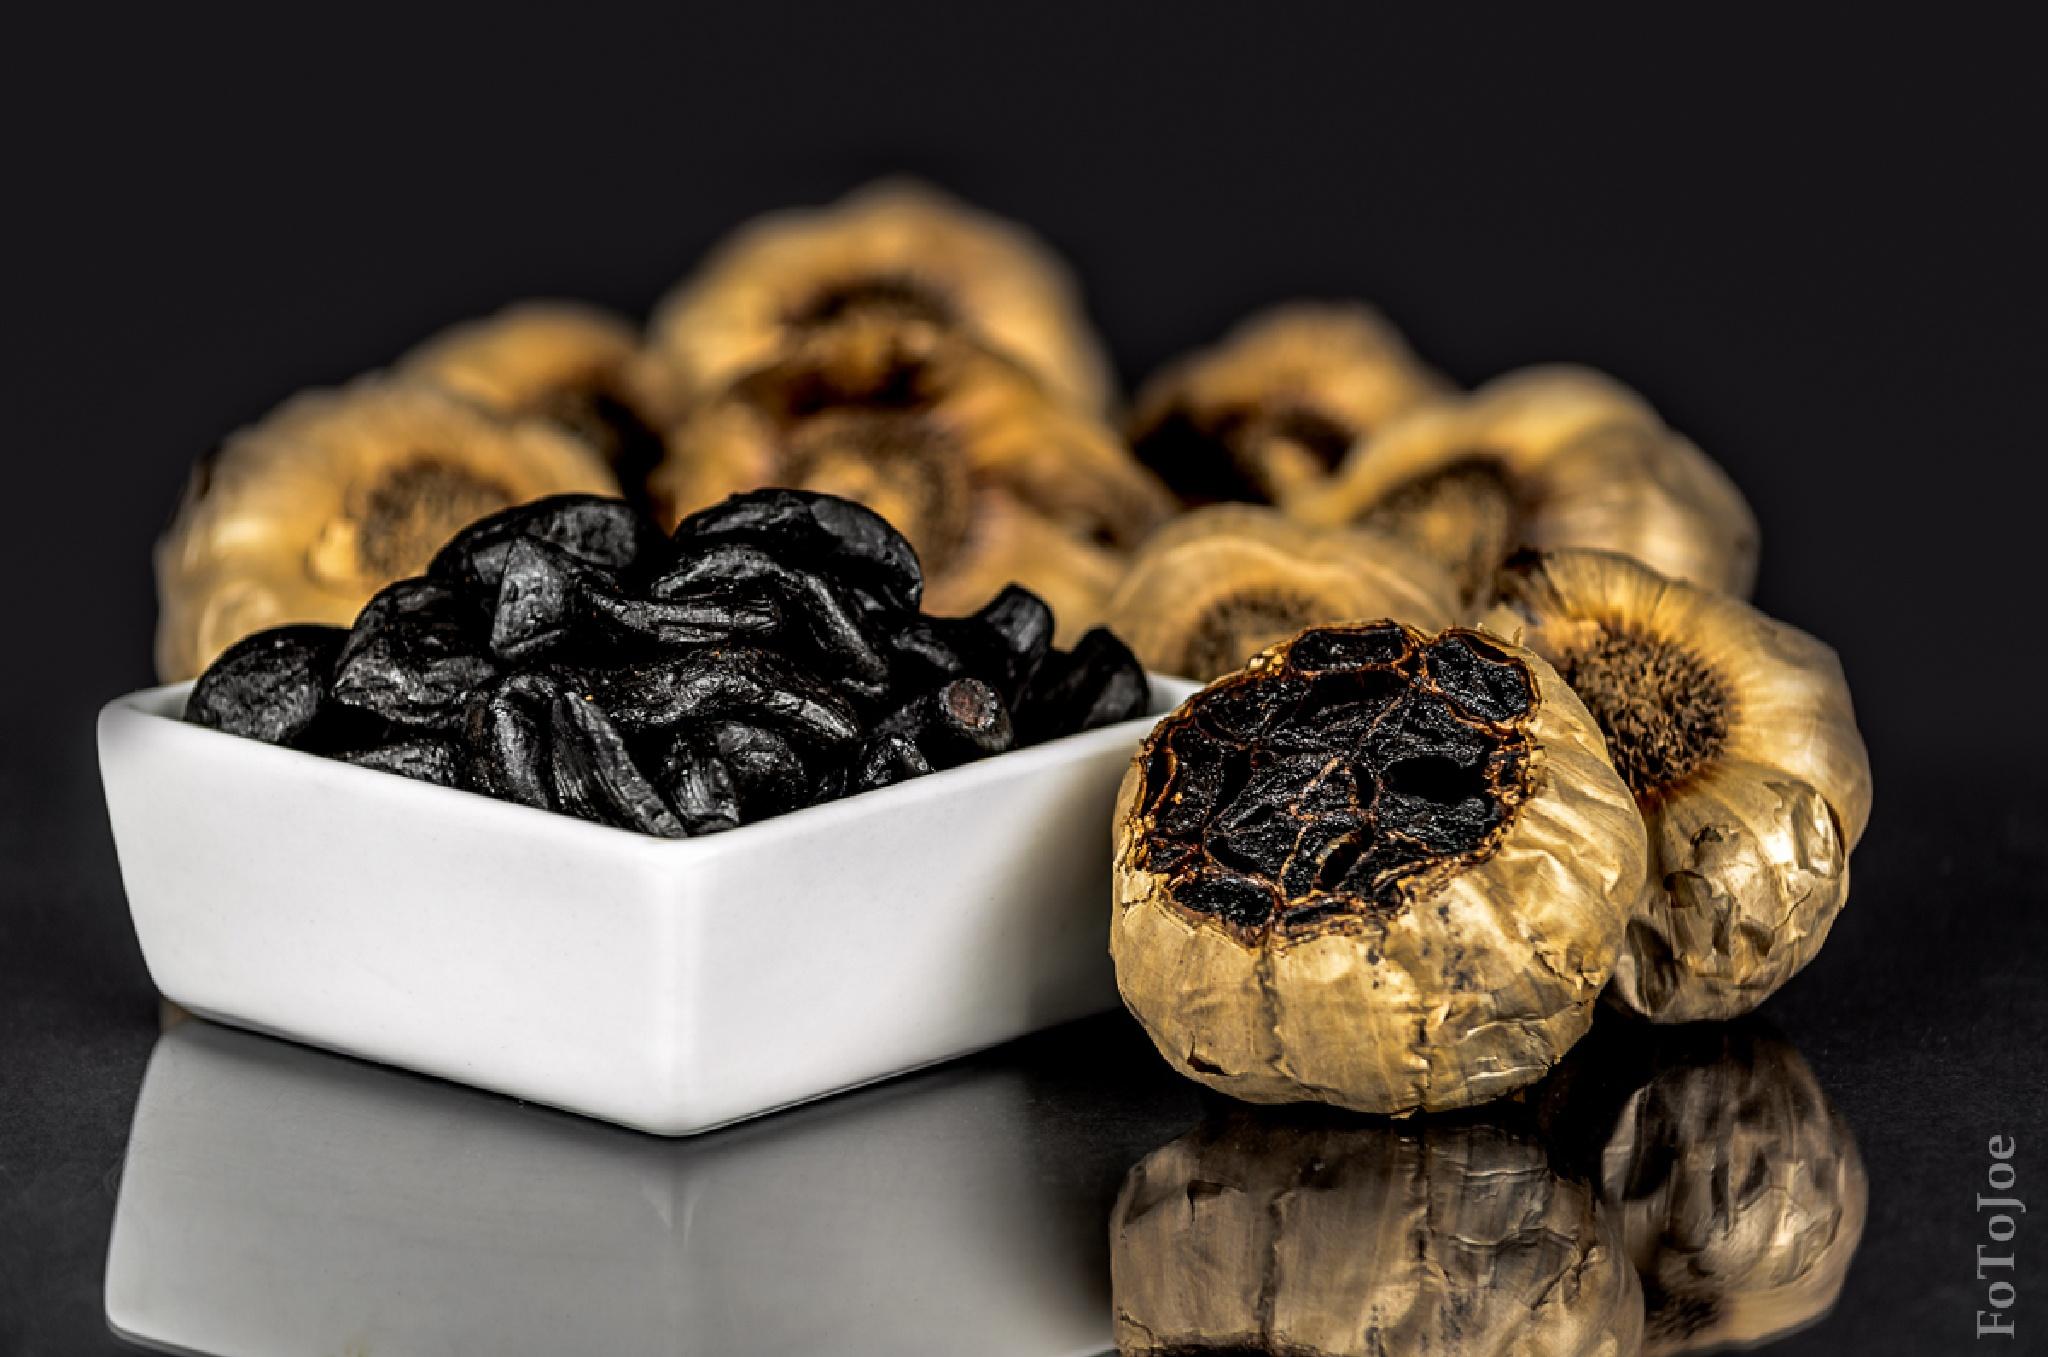 Black garlic by TJoe